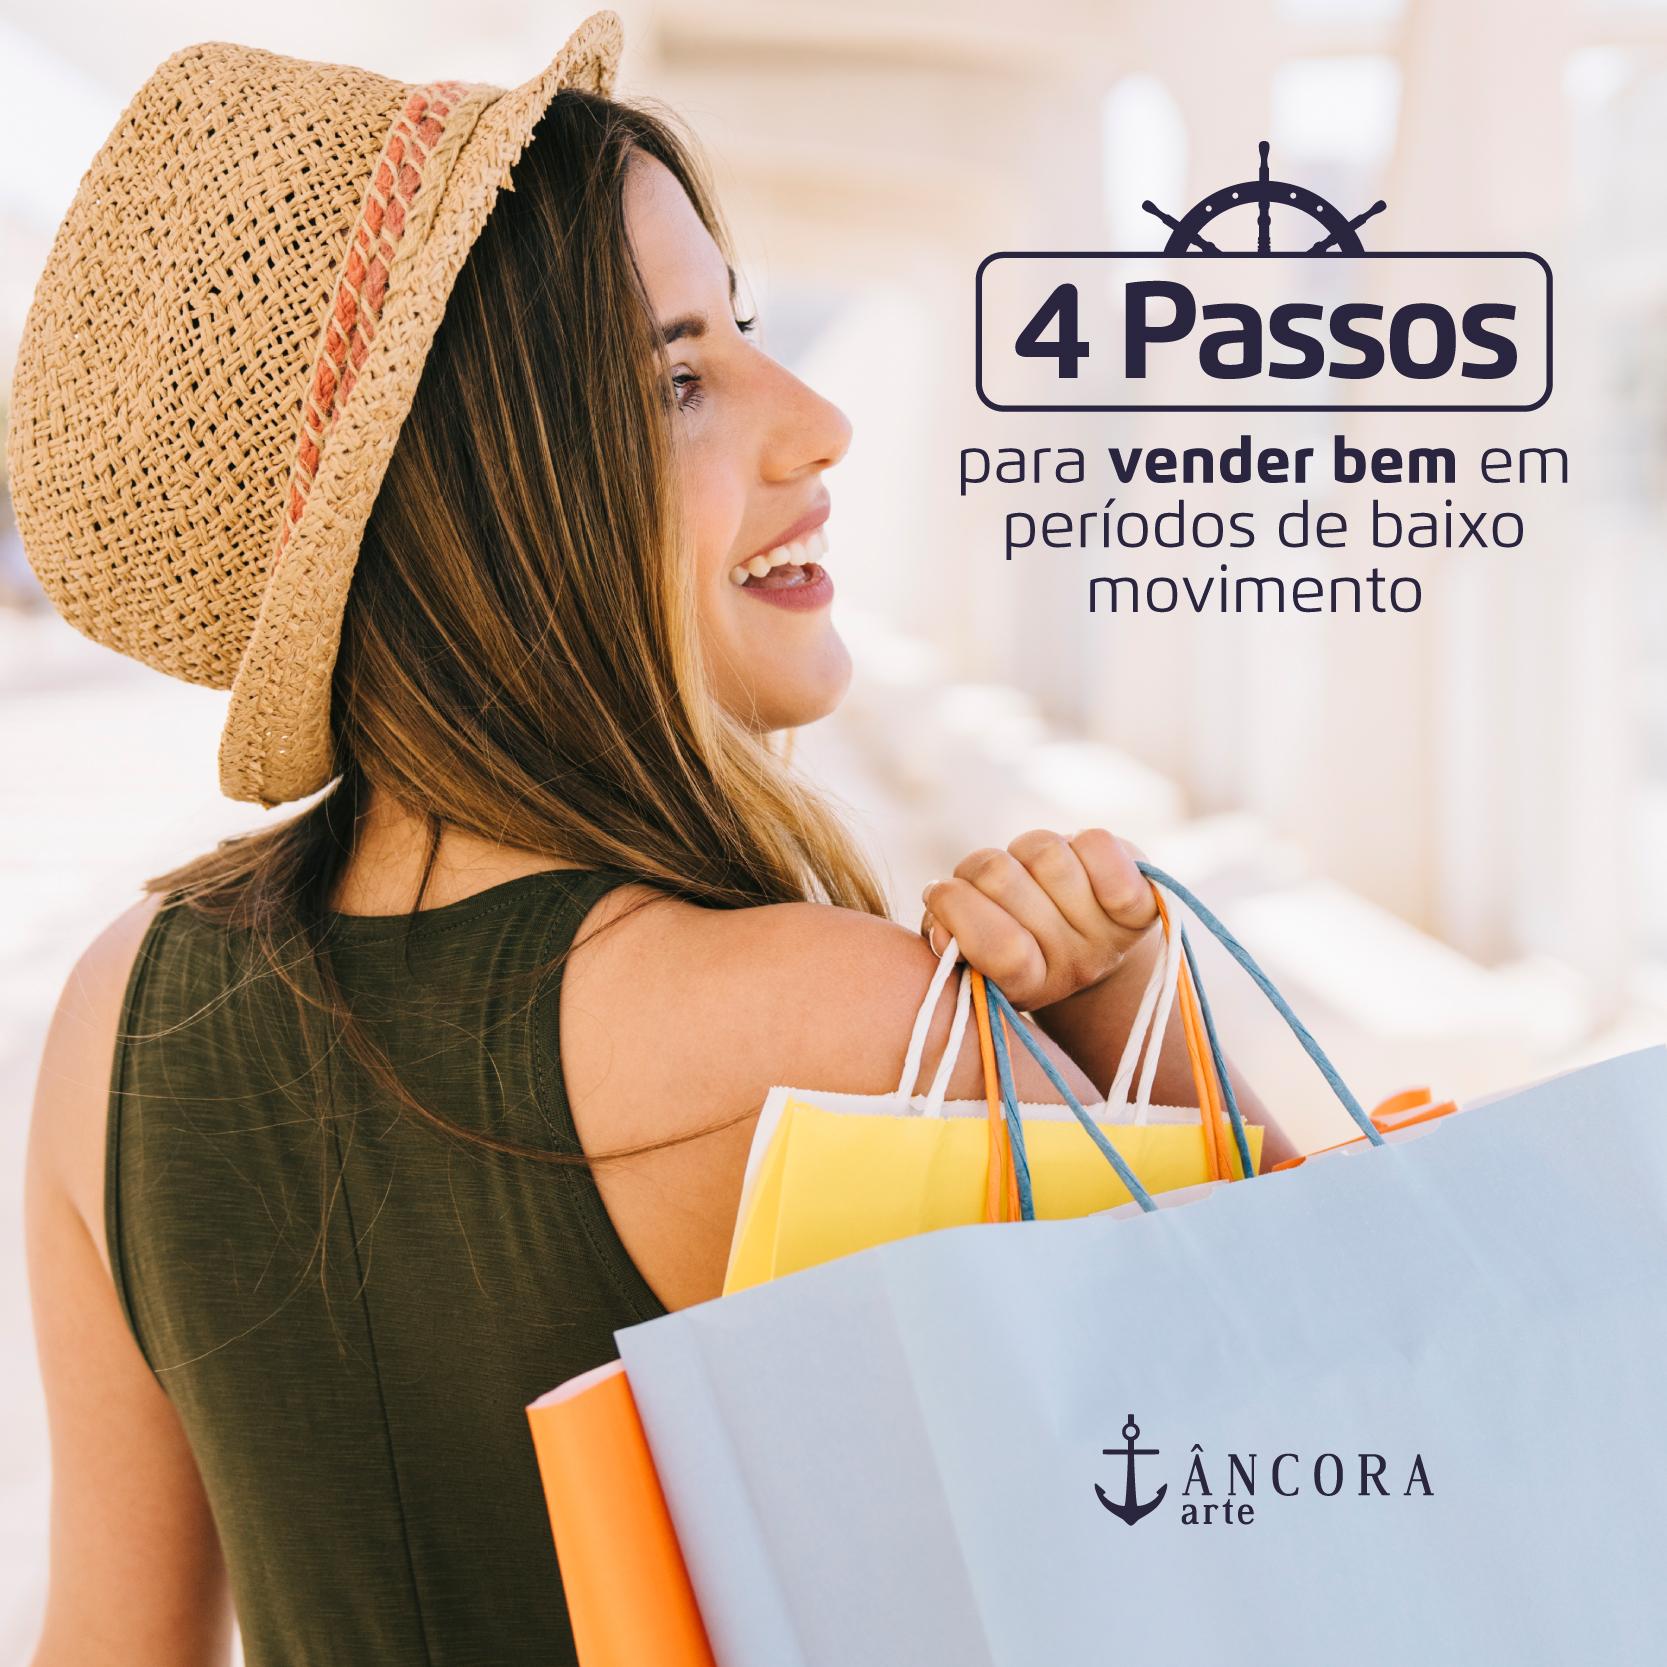 4 PASSOS PARA VENDER BEM EM PERÍODOS DE BAIXO MOVIMENTO